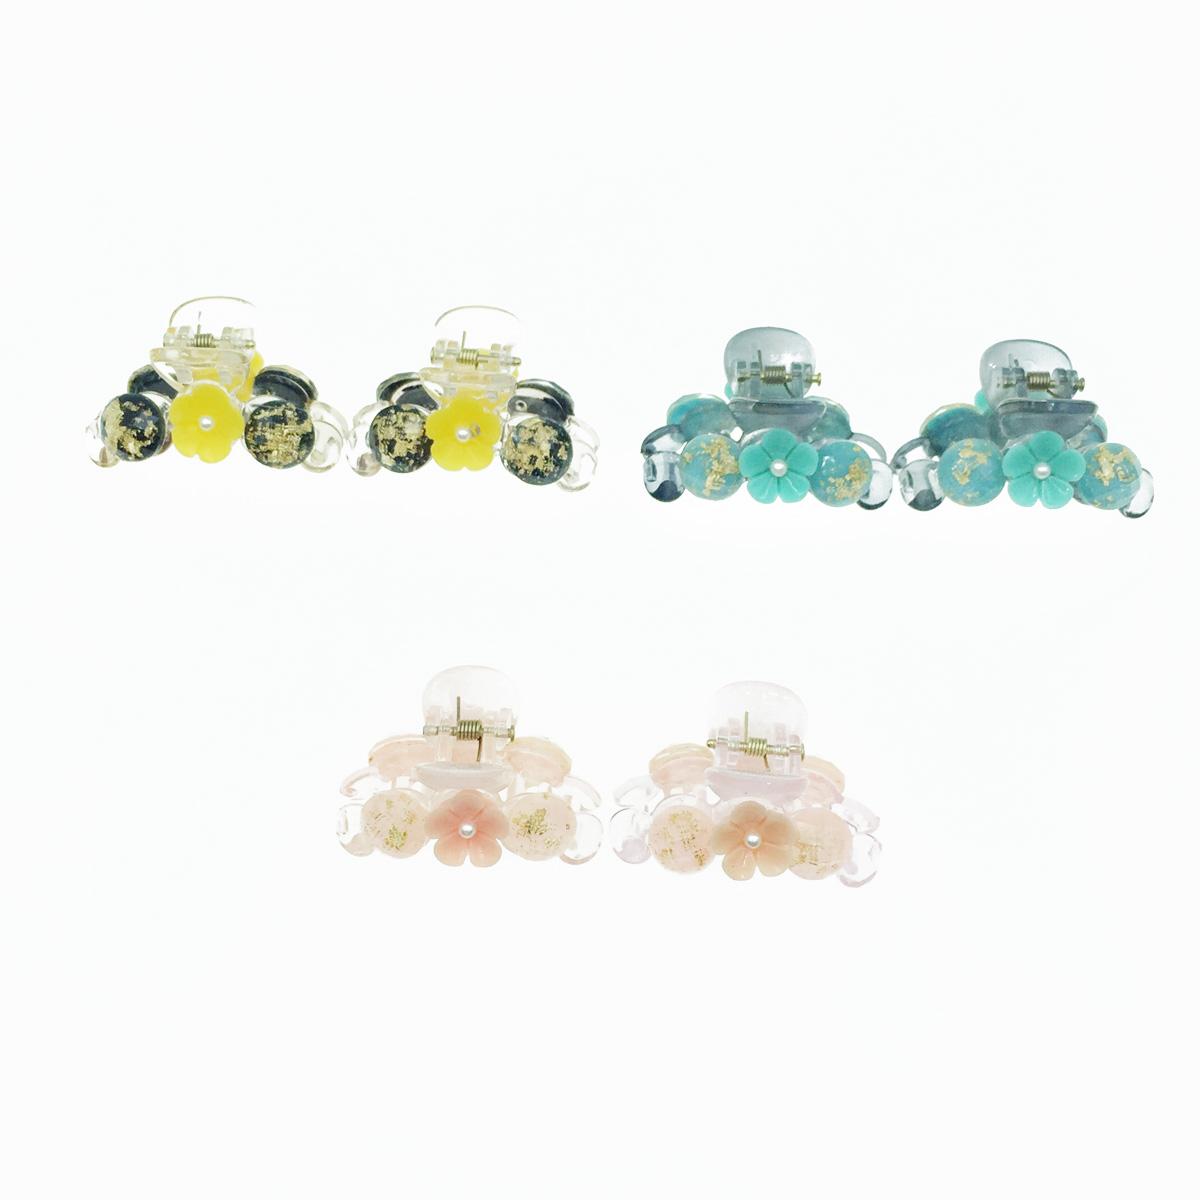 韓國 珍珠花 透明感 金箔夾心 兩入組 3色 髮飾 爪夾 髮夾